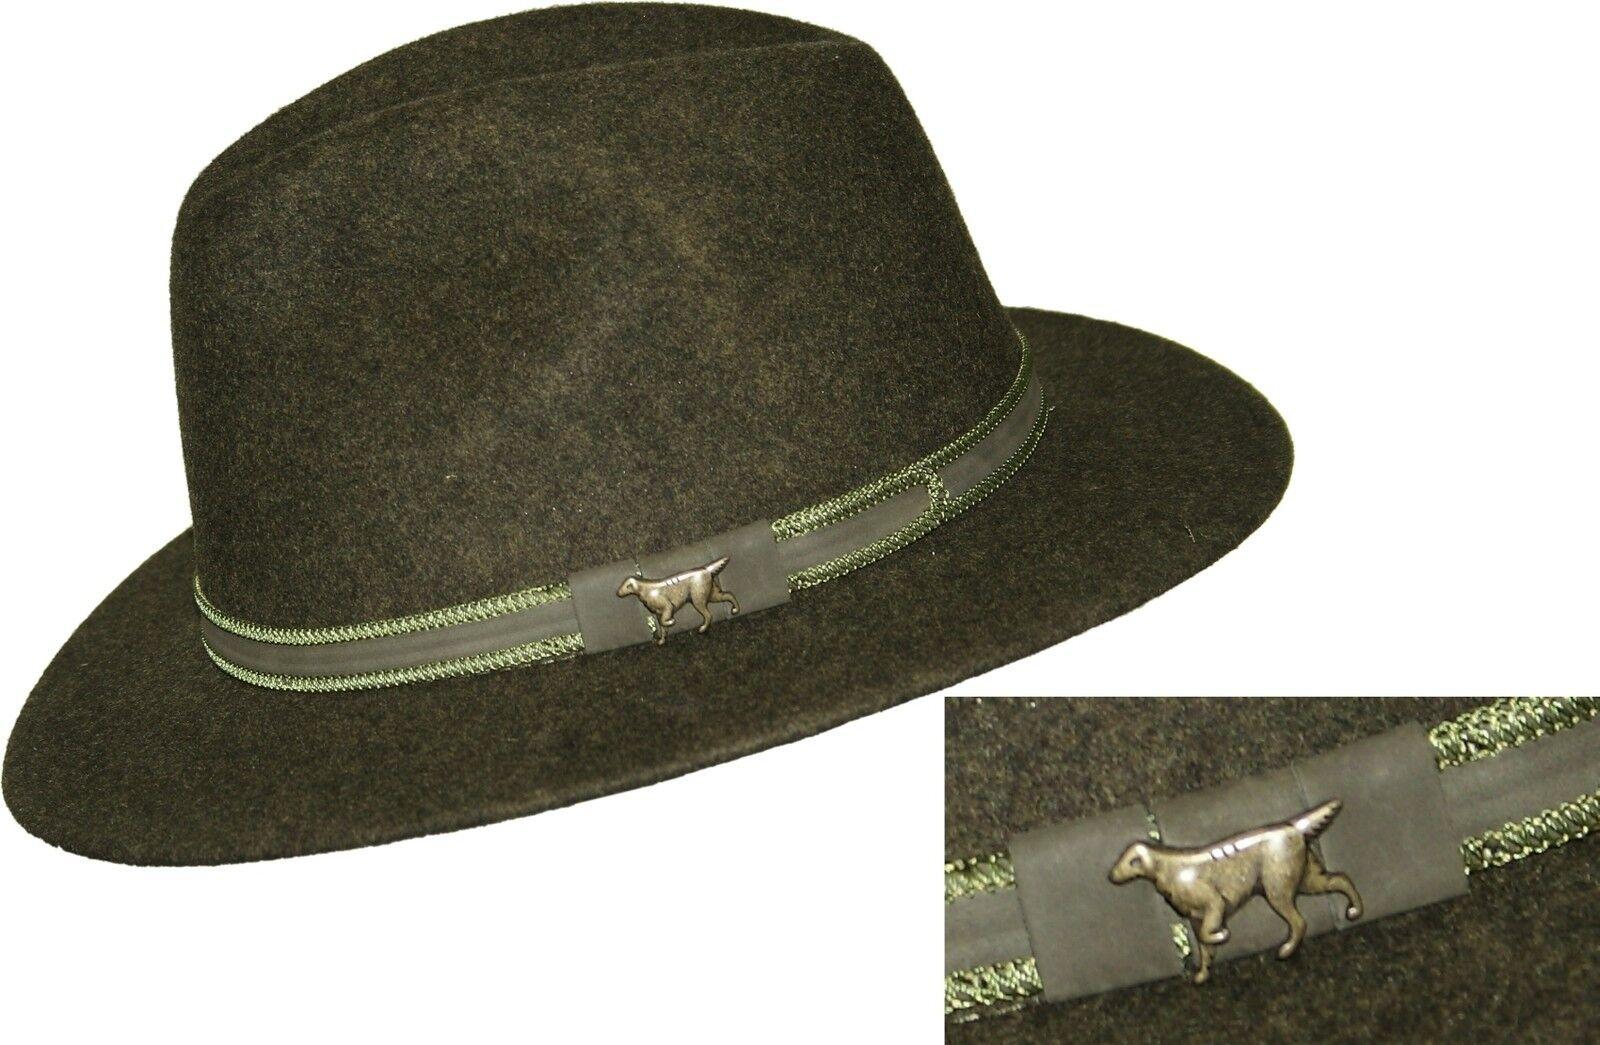 Jagdhut Outdoorhut  Ziergarnitur  Hund  Hut  oliv-green 100% Wolle von SKOGEN